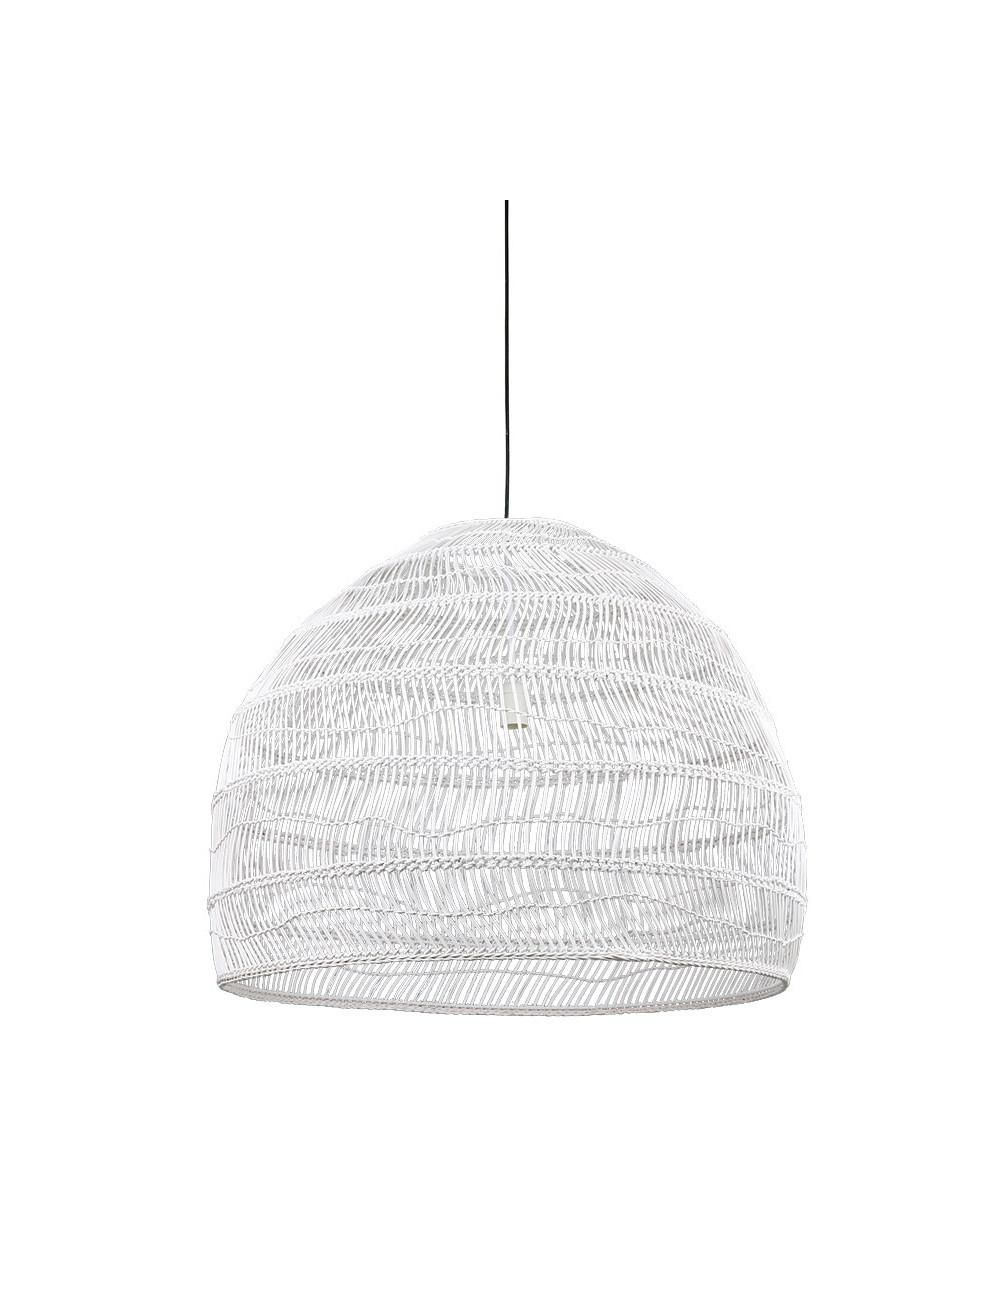 Rieten Hanglamp Bol Large - Wit